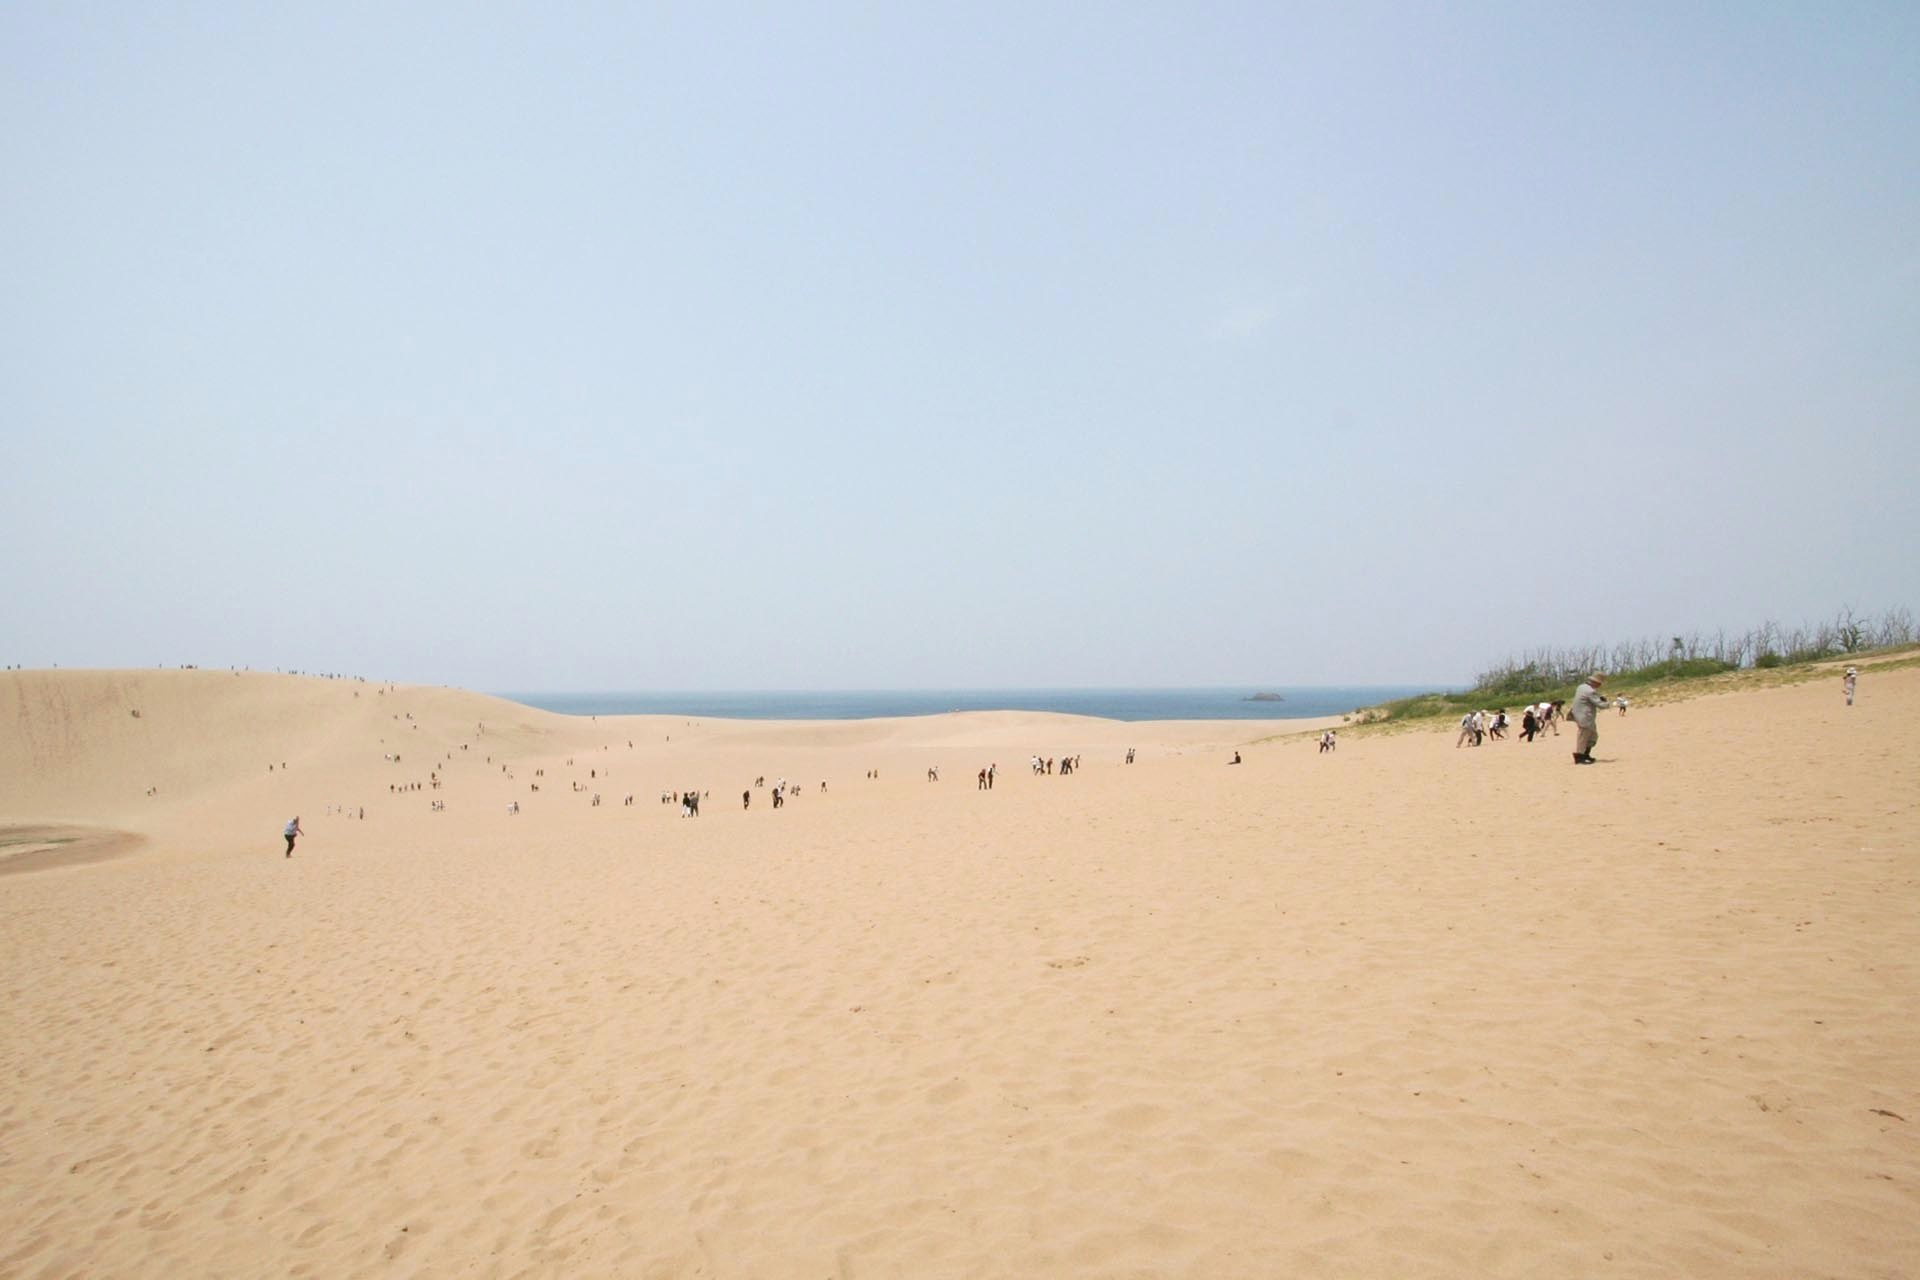 鳥取砂丘 鳥取の風景